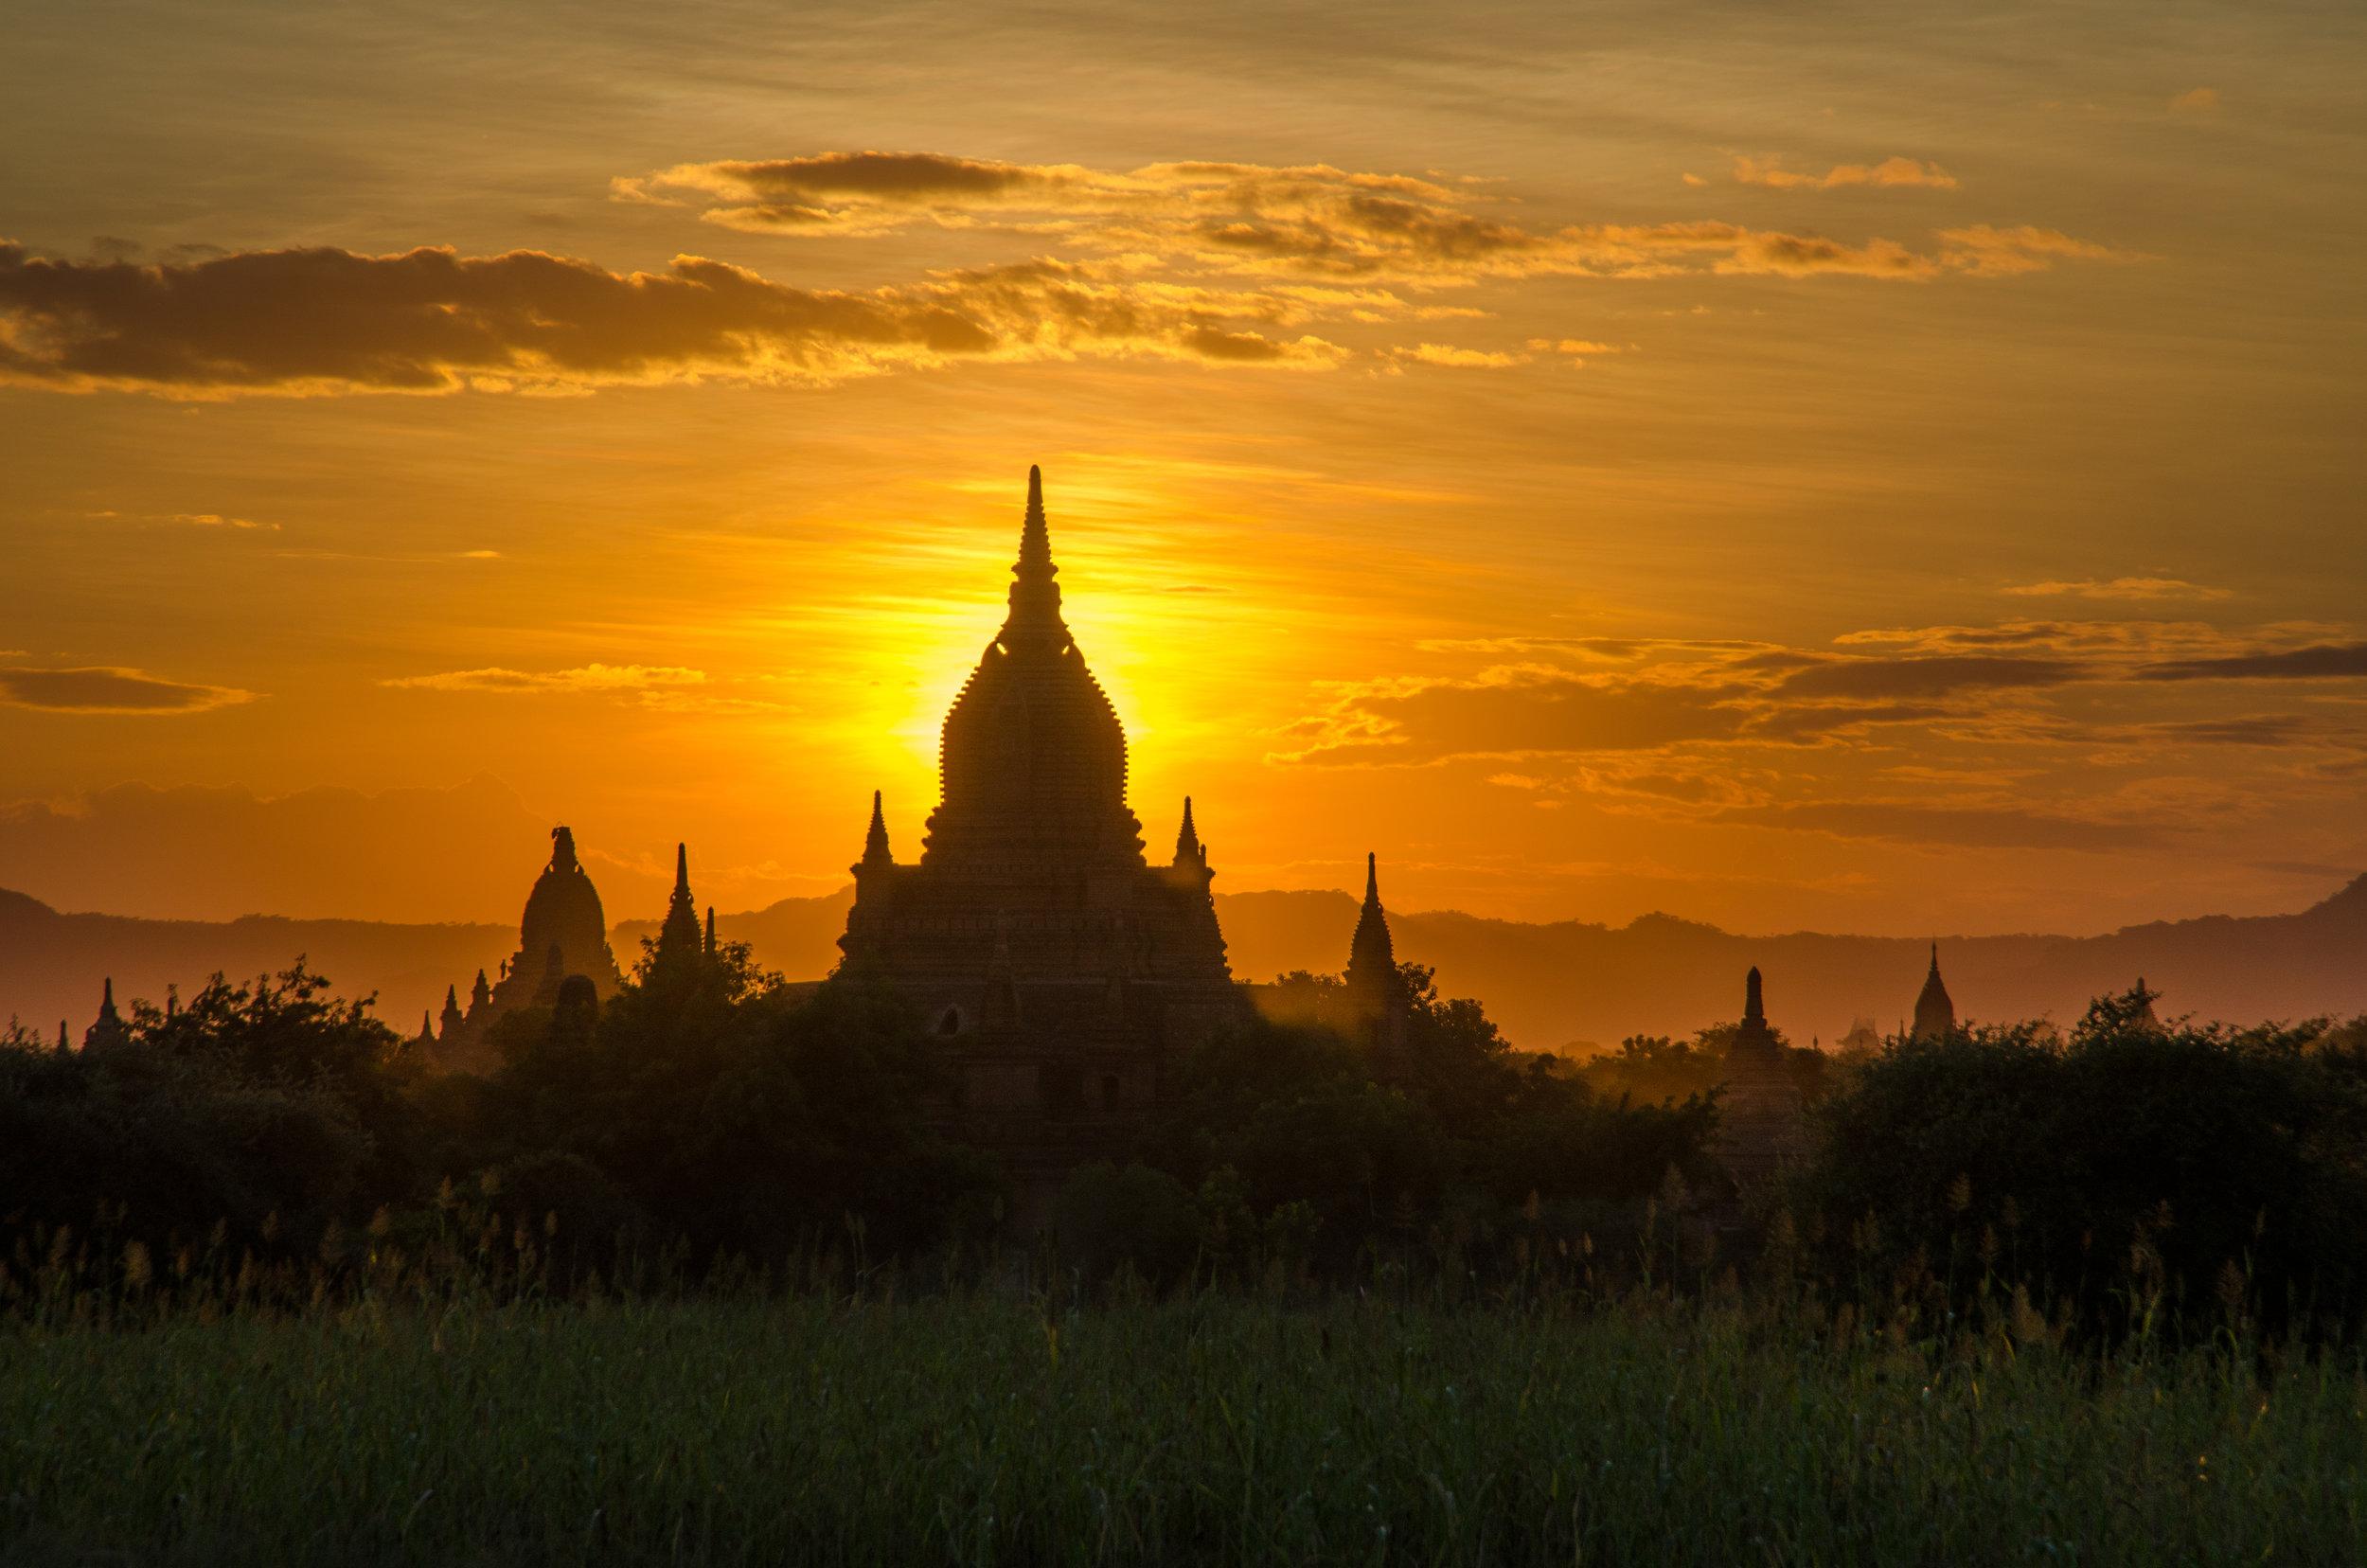 Sunset, Bagan, Myanmar